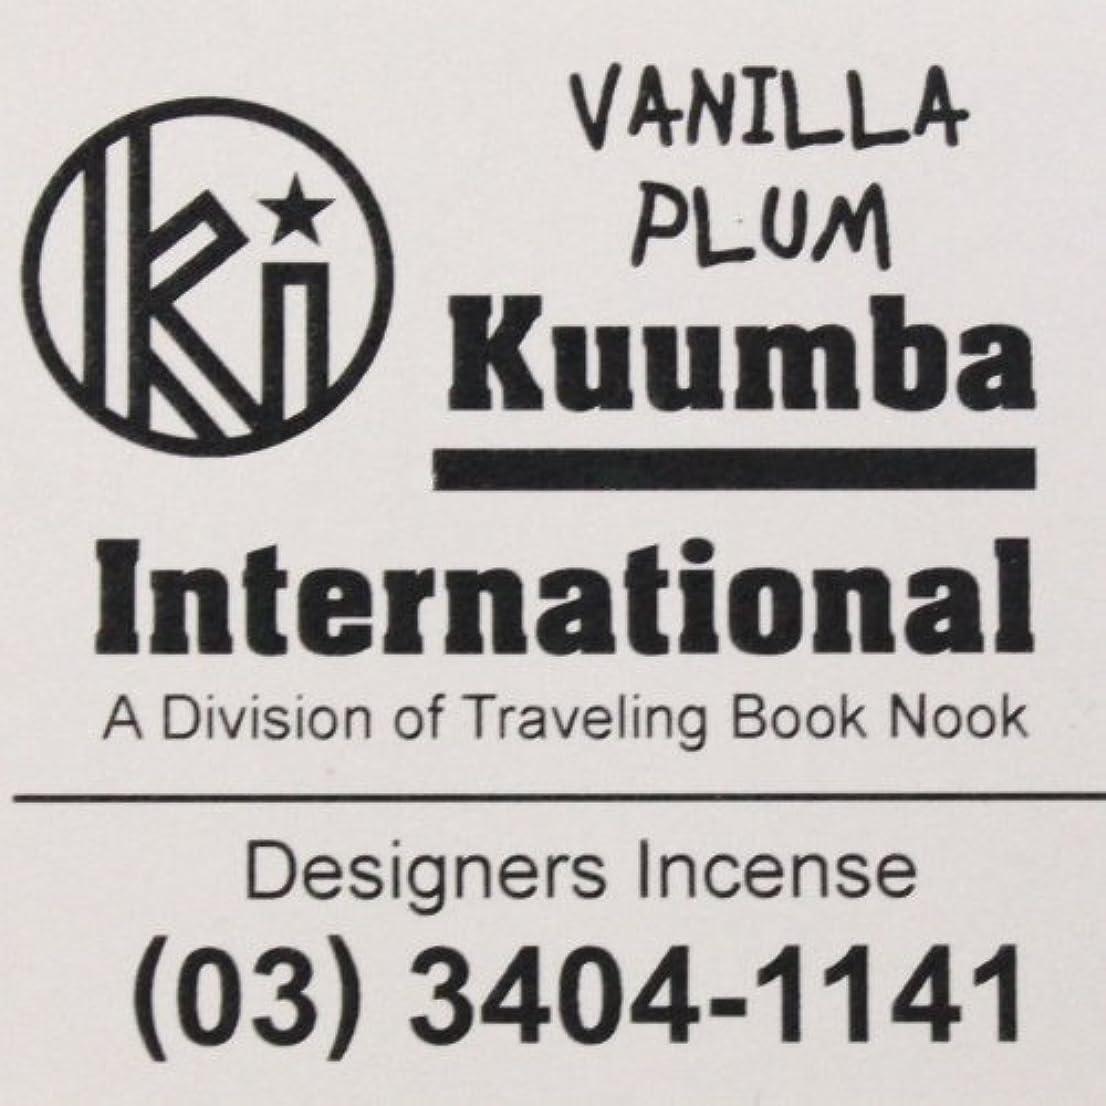 眠りにはまって報酬KUUMBA (クンバ)『incense』(VANILLA PLUM) (Regular size)